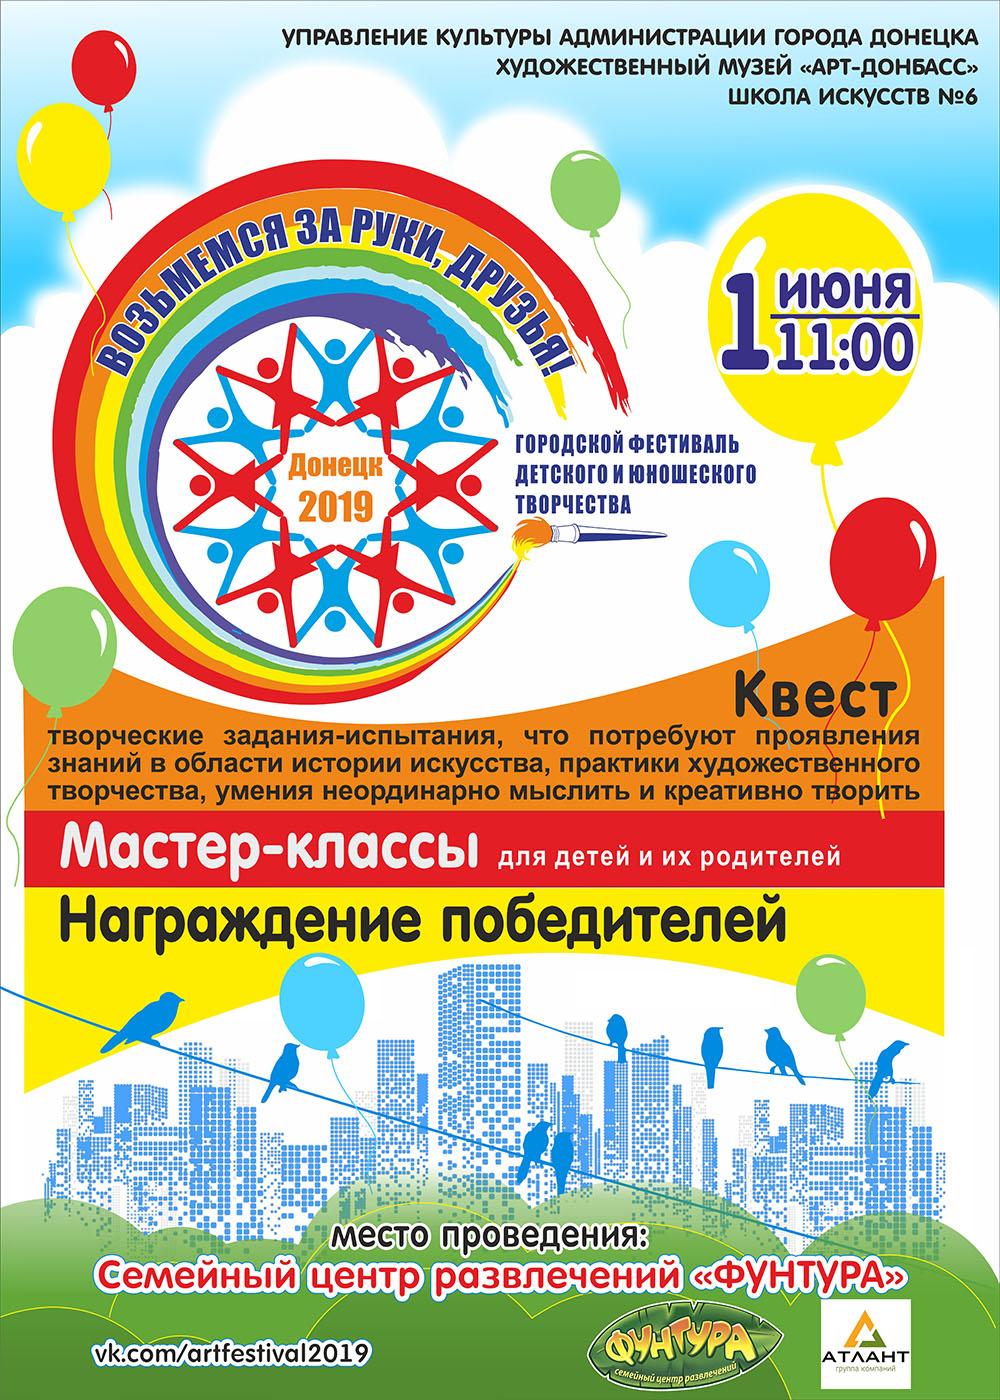 Городской фестиваль детского и юношеского творчества «Возьмемся за руки, друзья!» продолжается